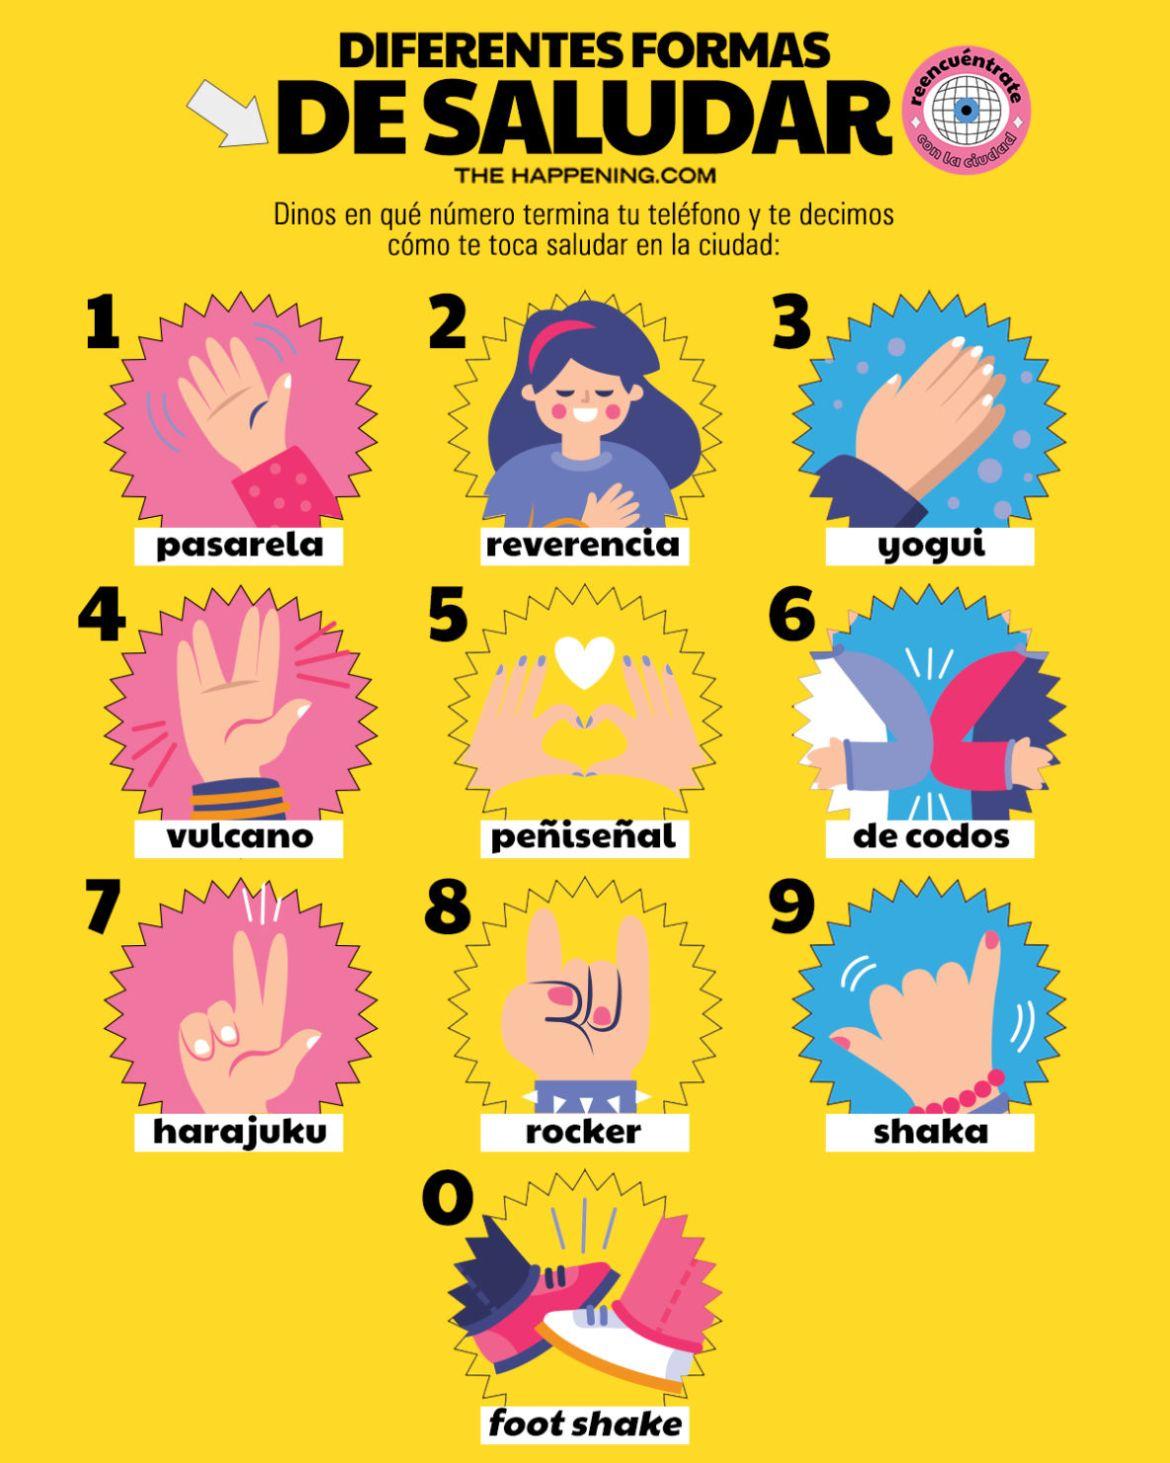 Diferentes formas de saludar - saludos